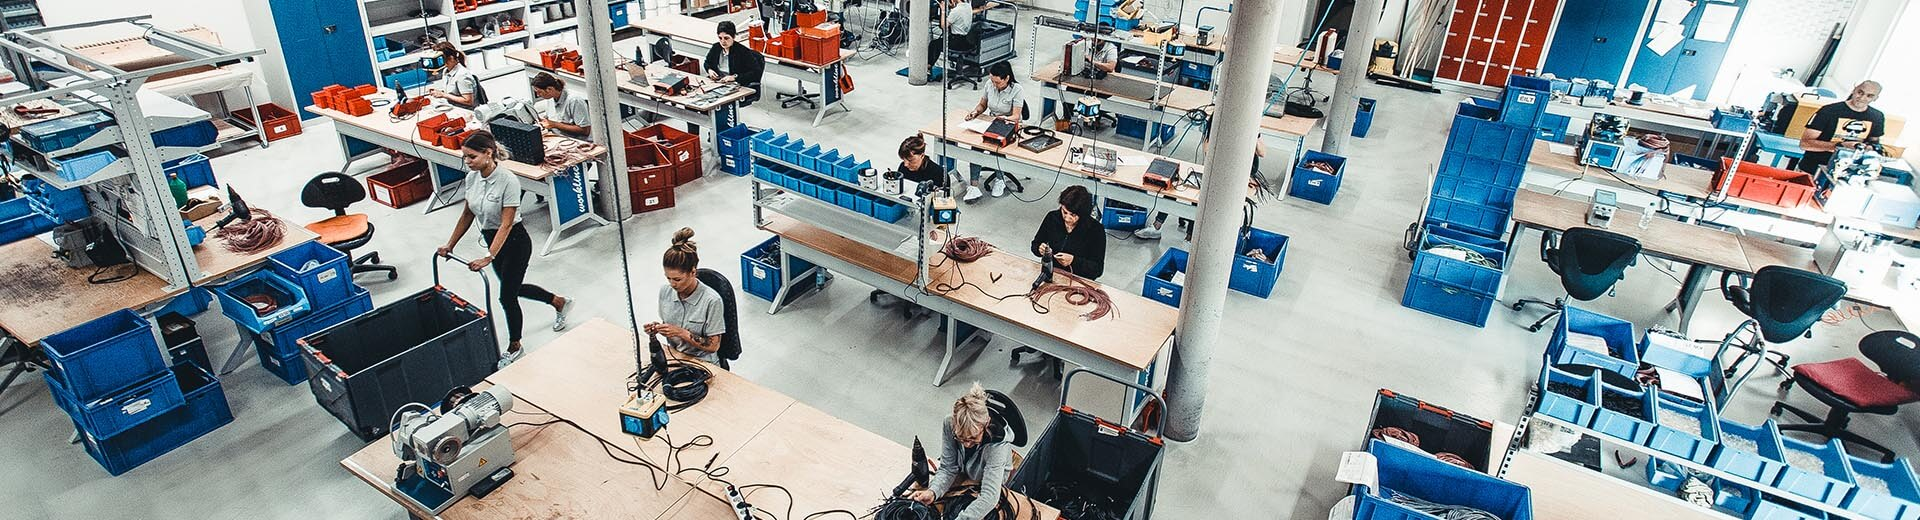 Sensorshop24.de Produktion Kabelfühler